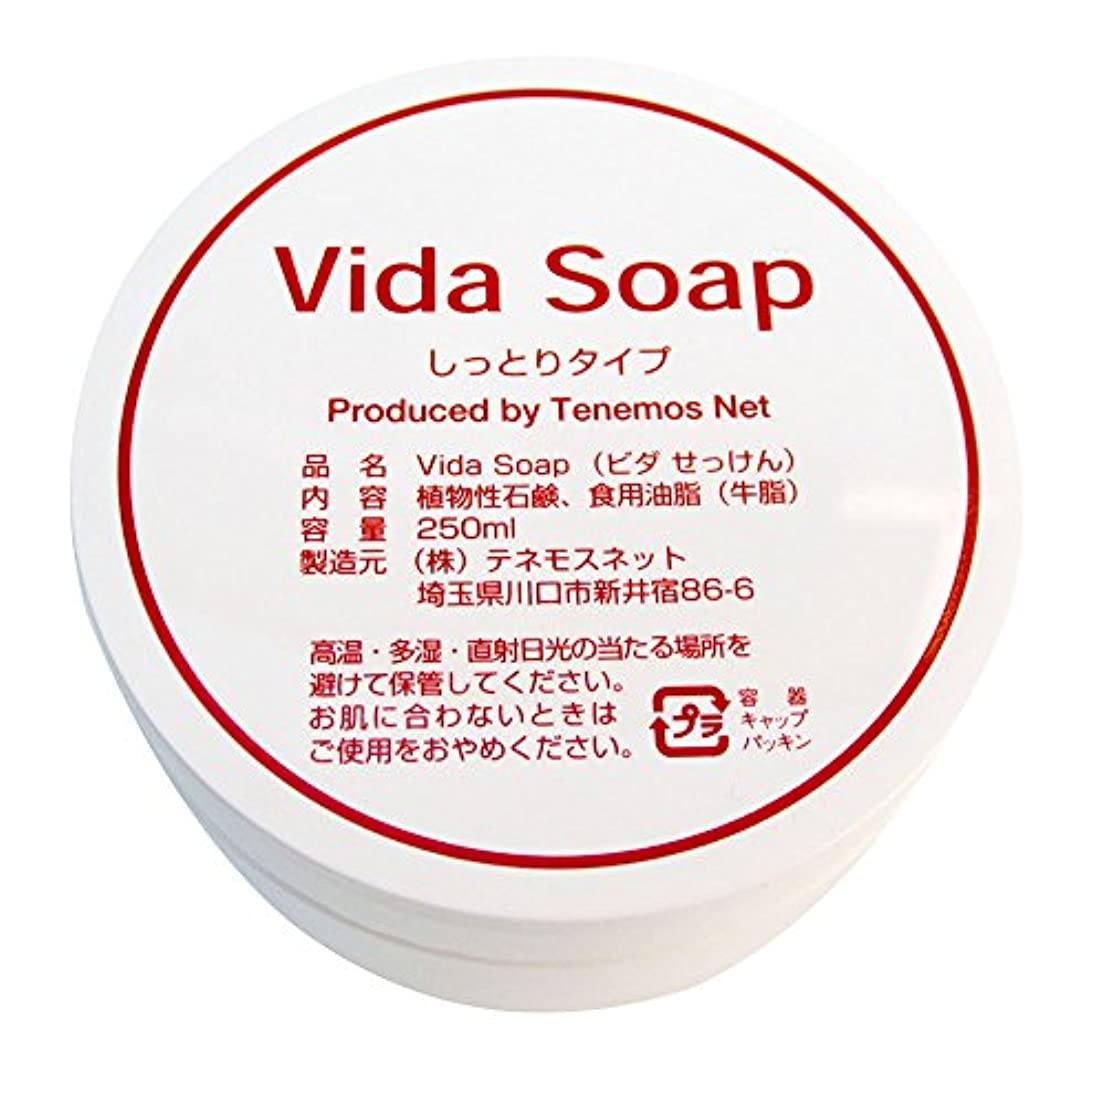 不利馬鹿げた選択するテネモス ビダせっけん Vida Soap しっとりノーマル 動物性 250ml